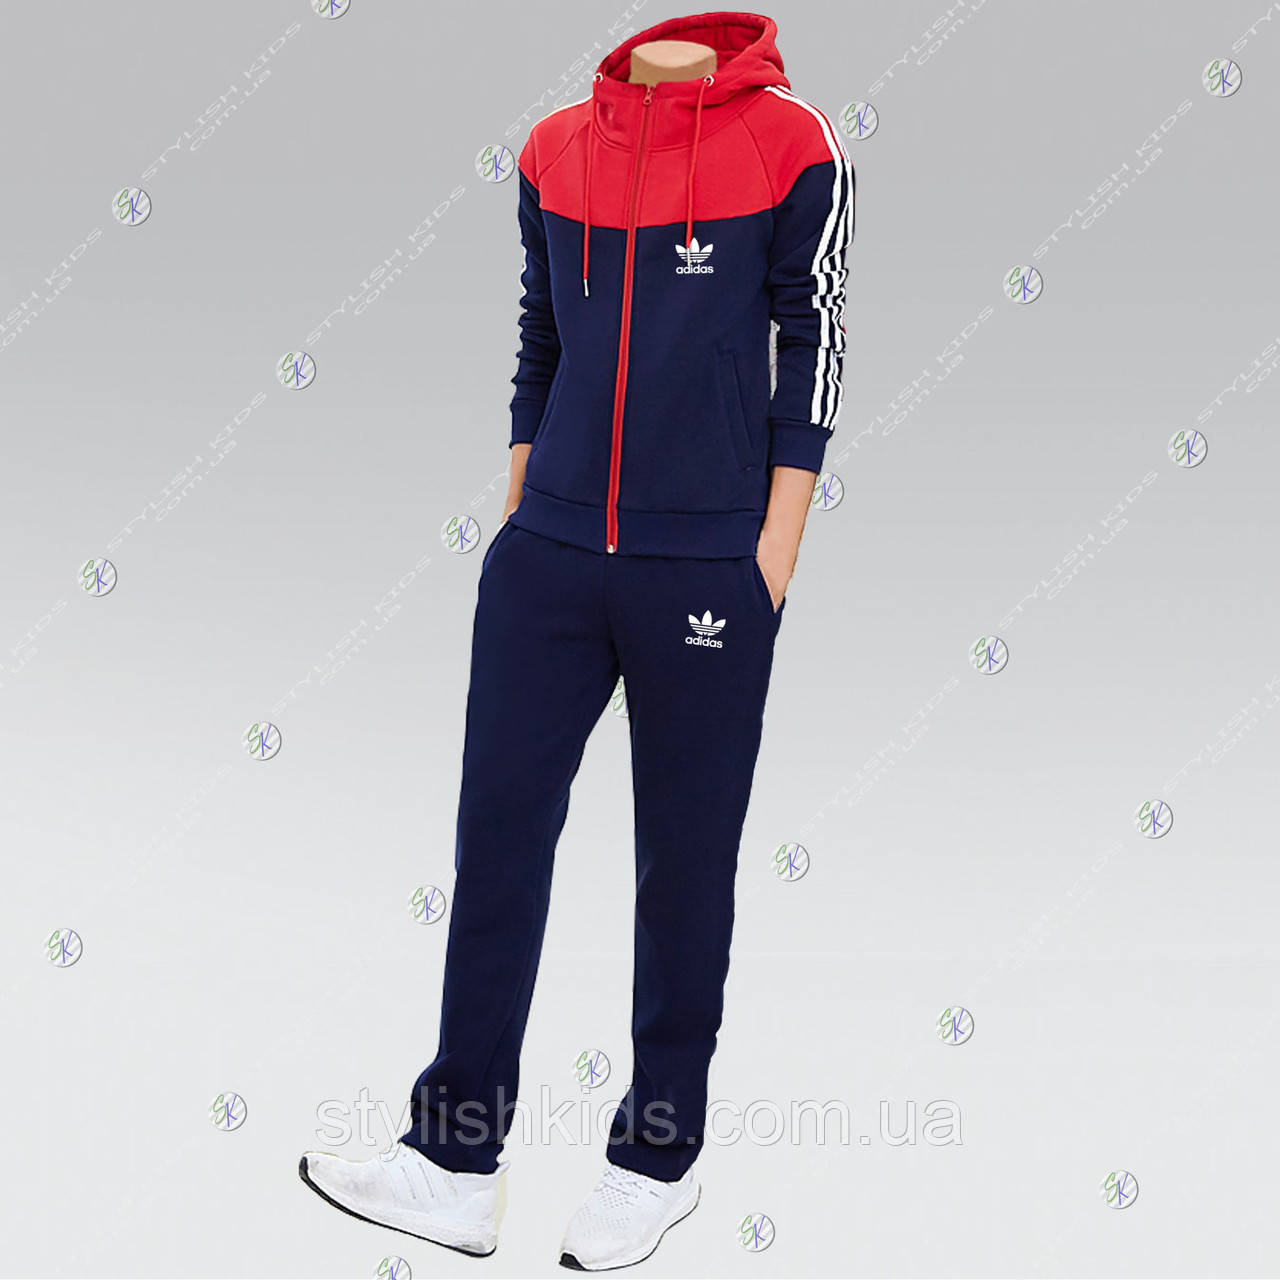 Недорогие спортивные женские костюмы